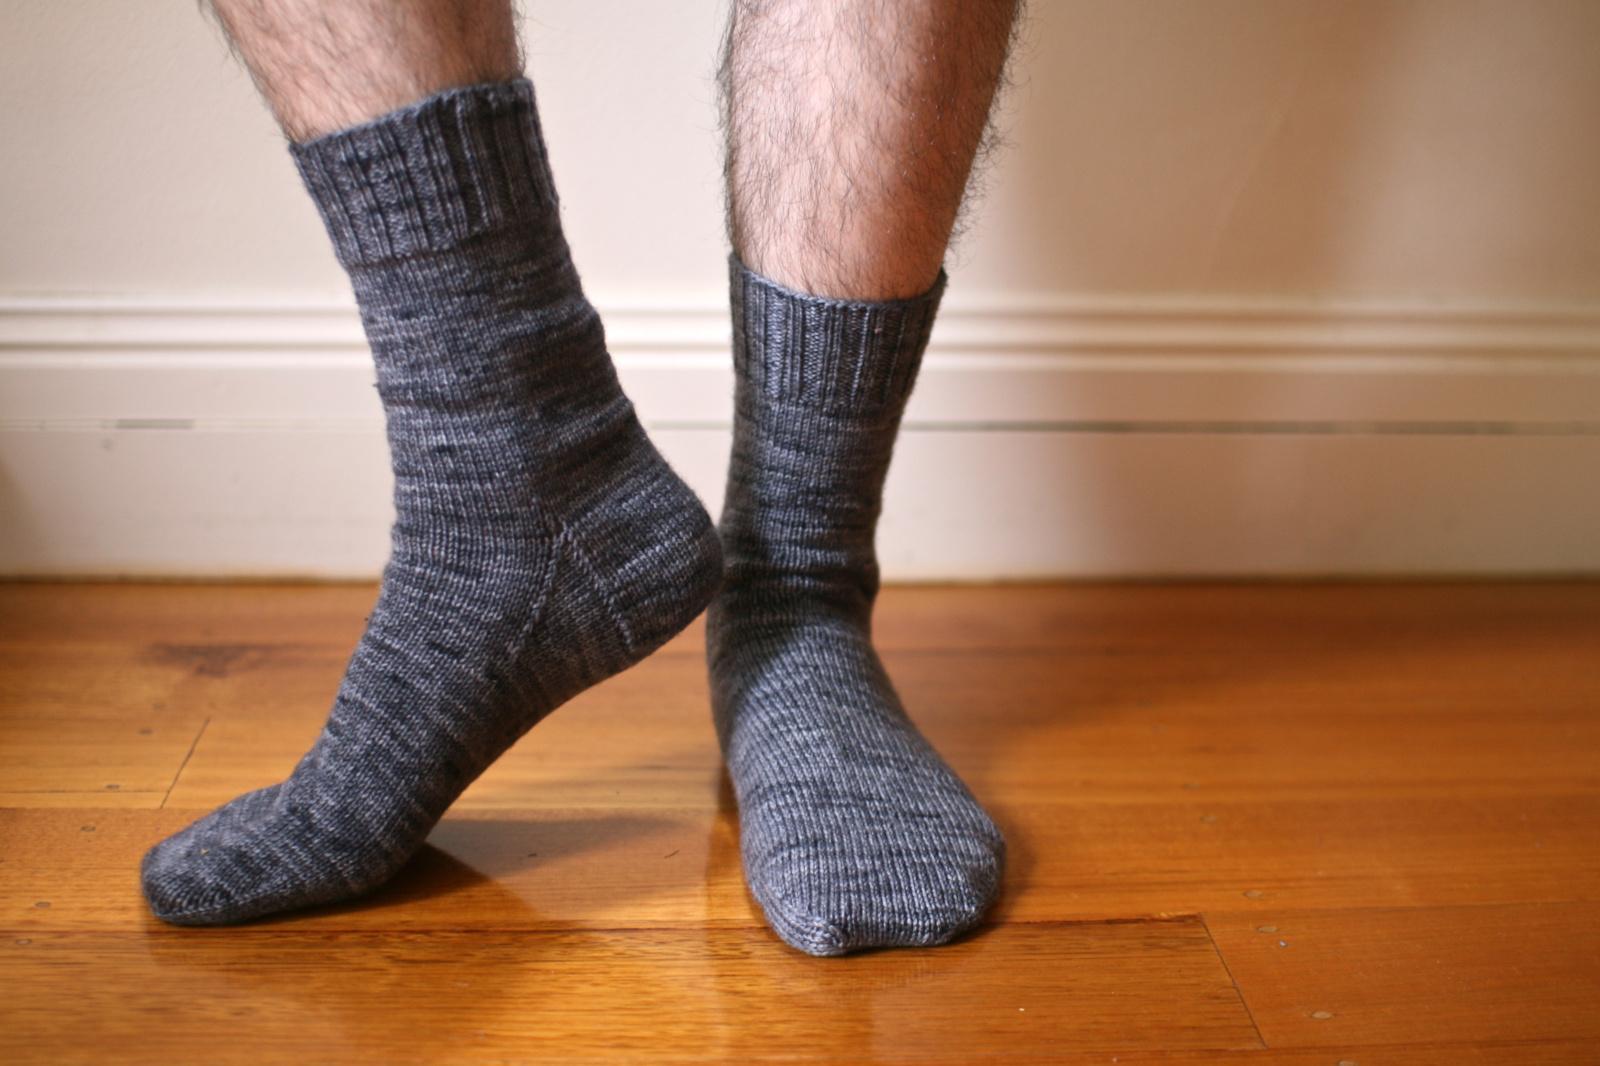 Vagies laimikis – vyriškos kojinės